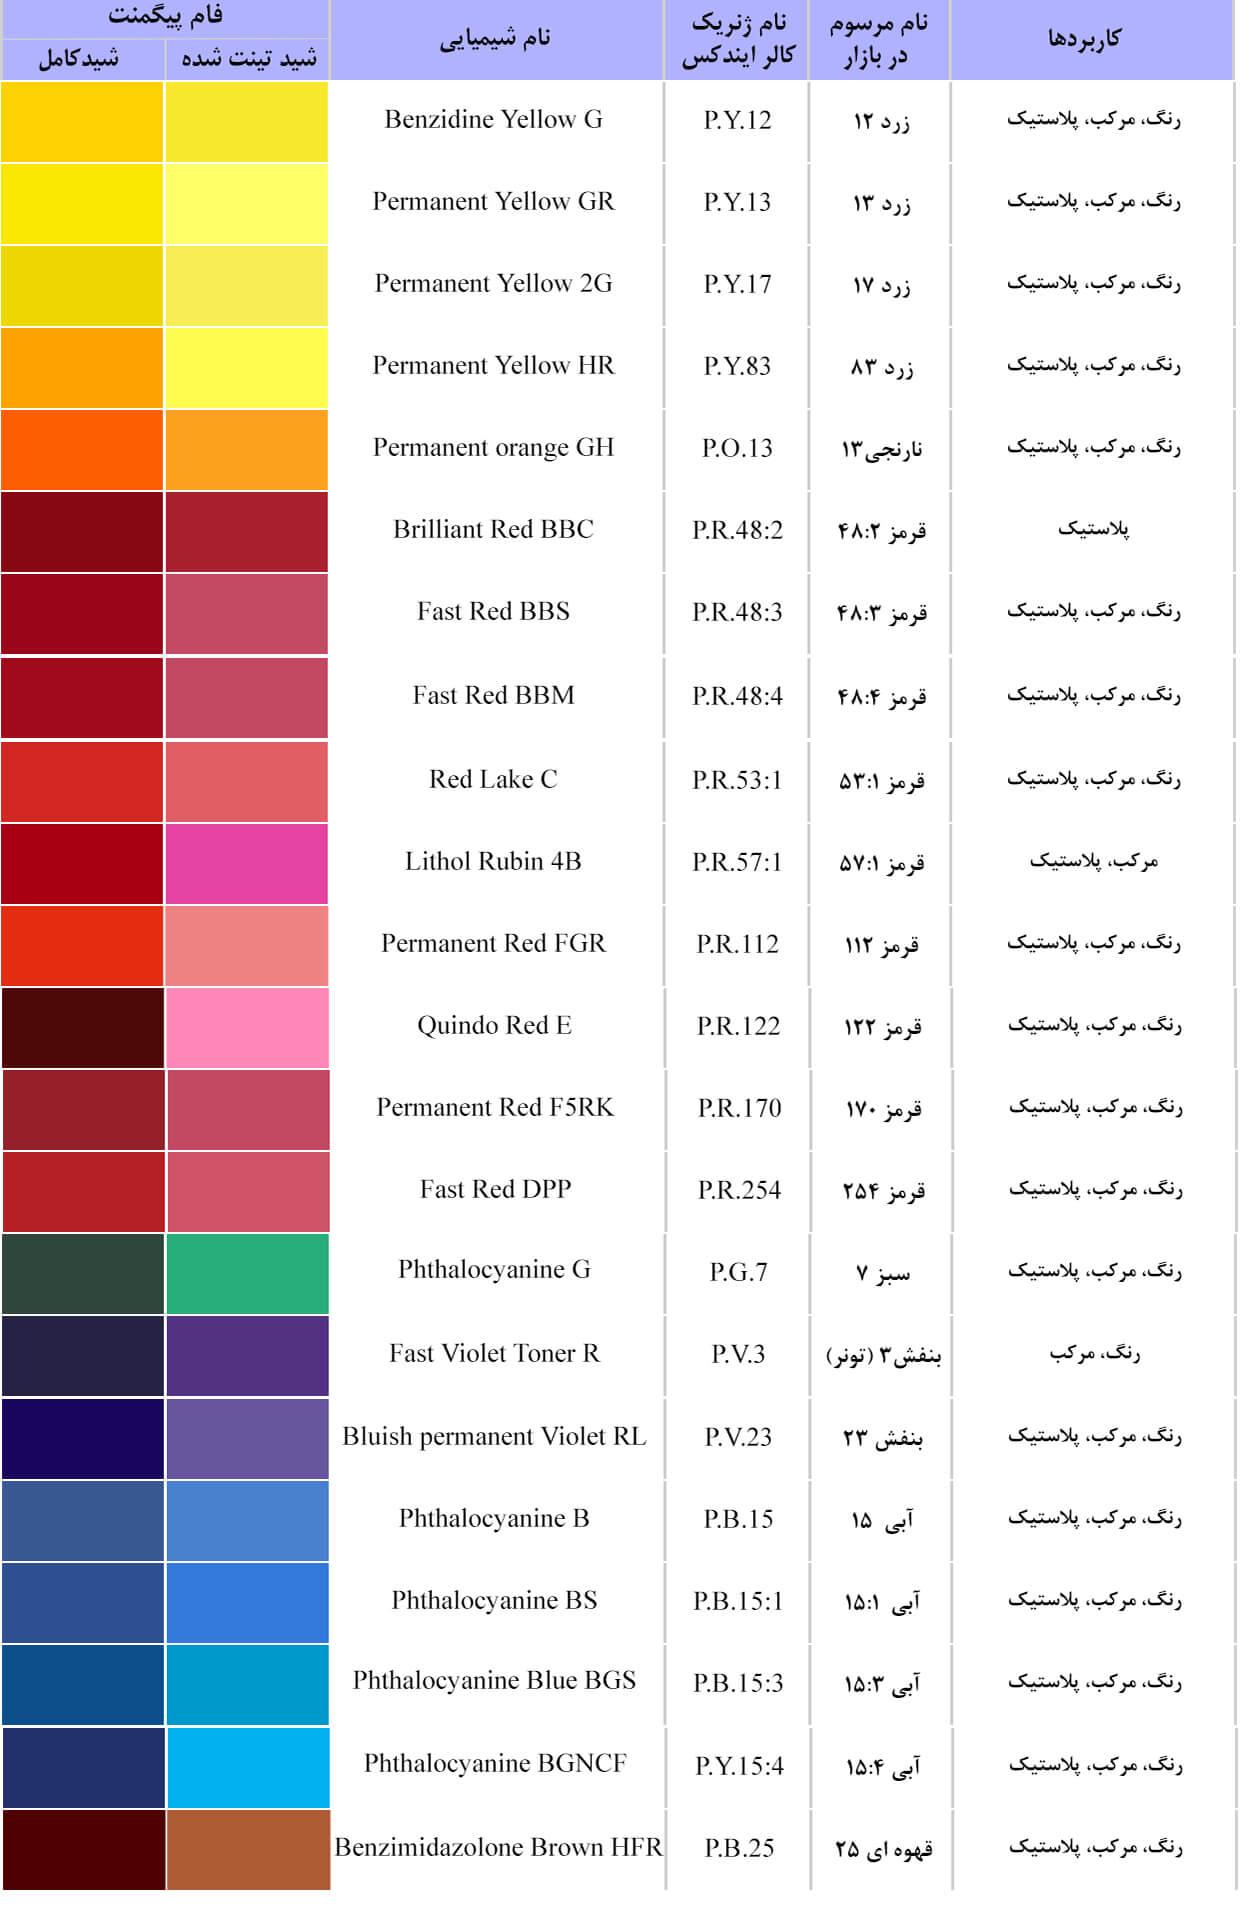 لیست فروش پیگمنت آلی - فروش پیگمنت رنگی